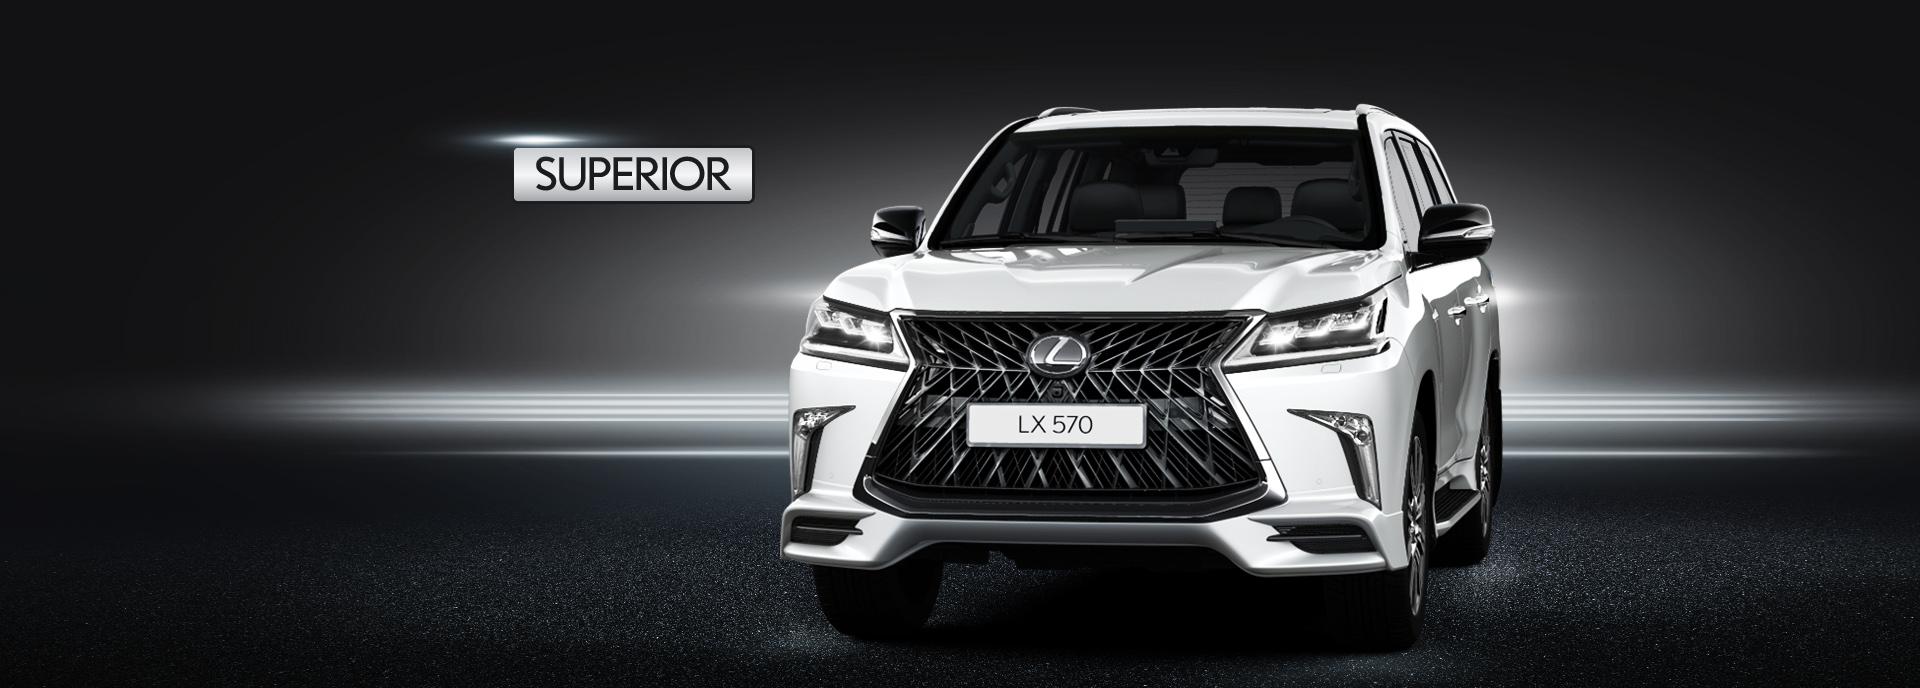 LX 570 Superior